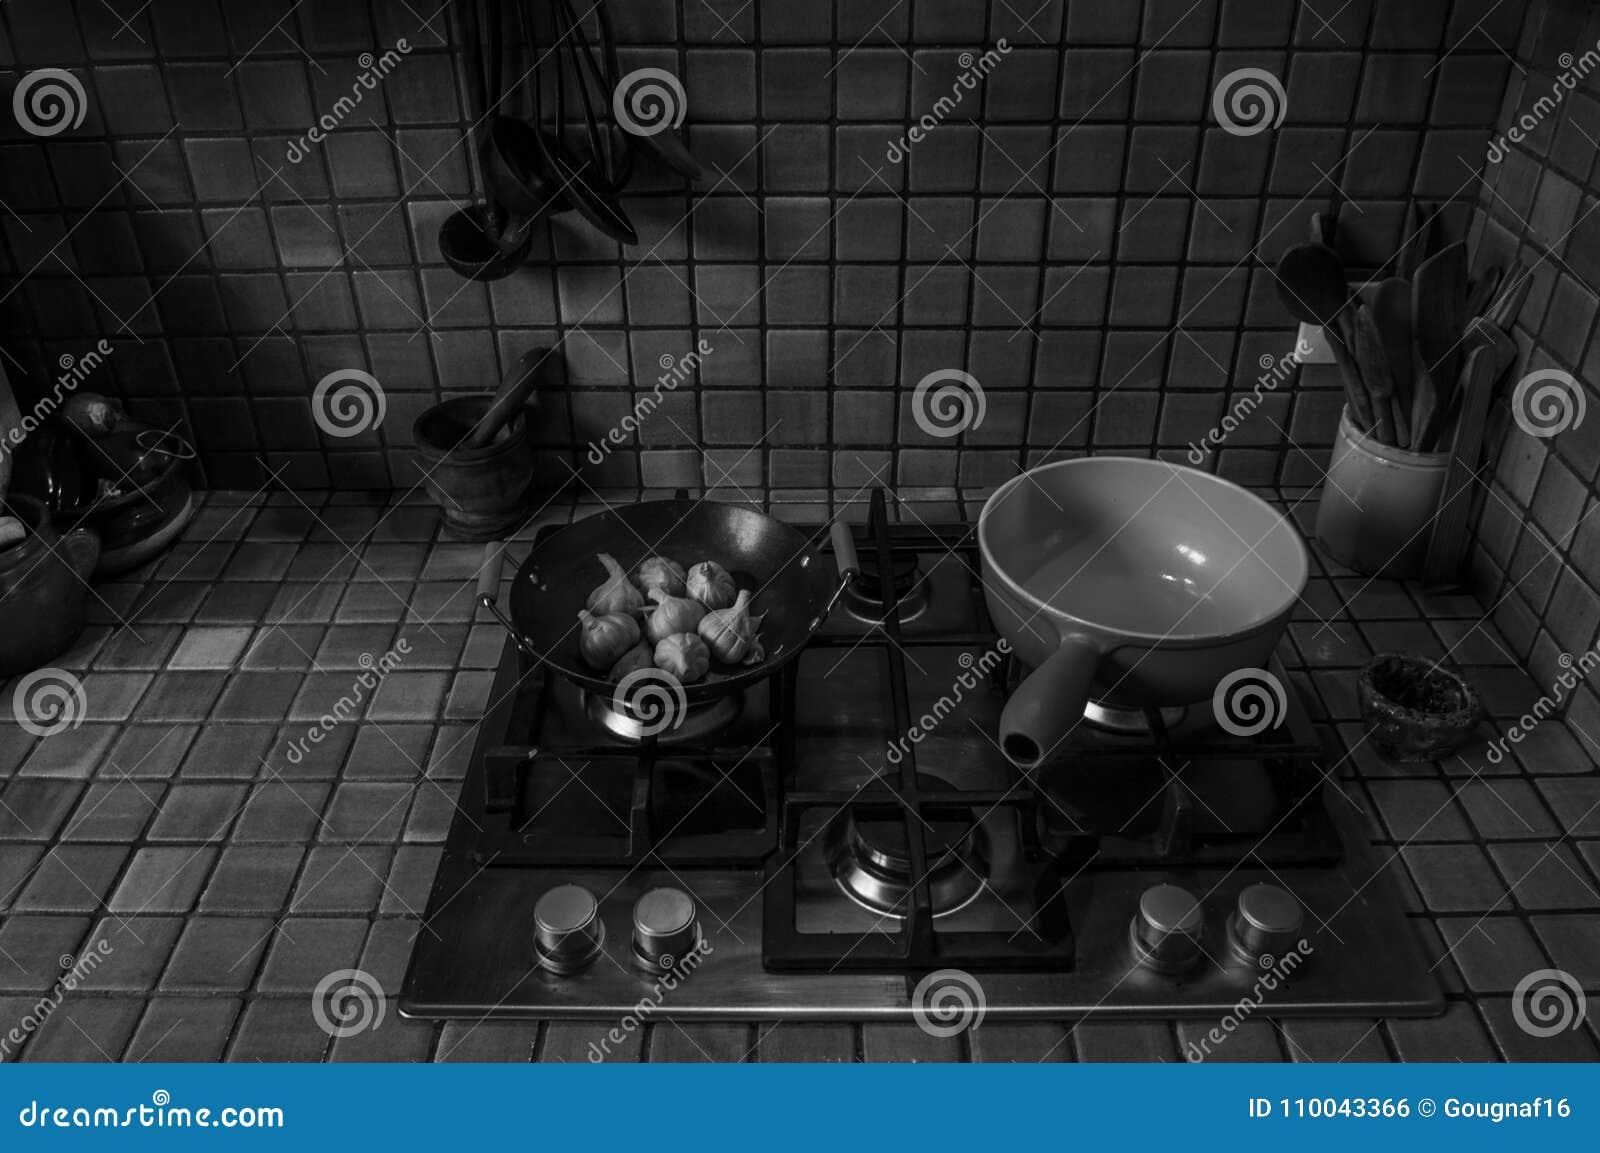 Cozinha francesa preto e branco